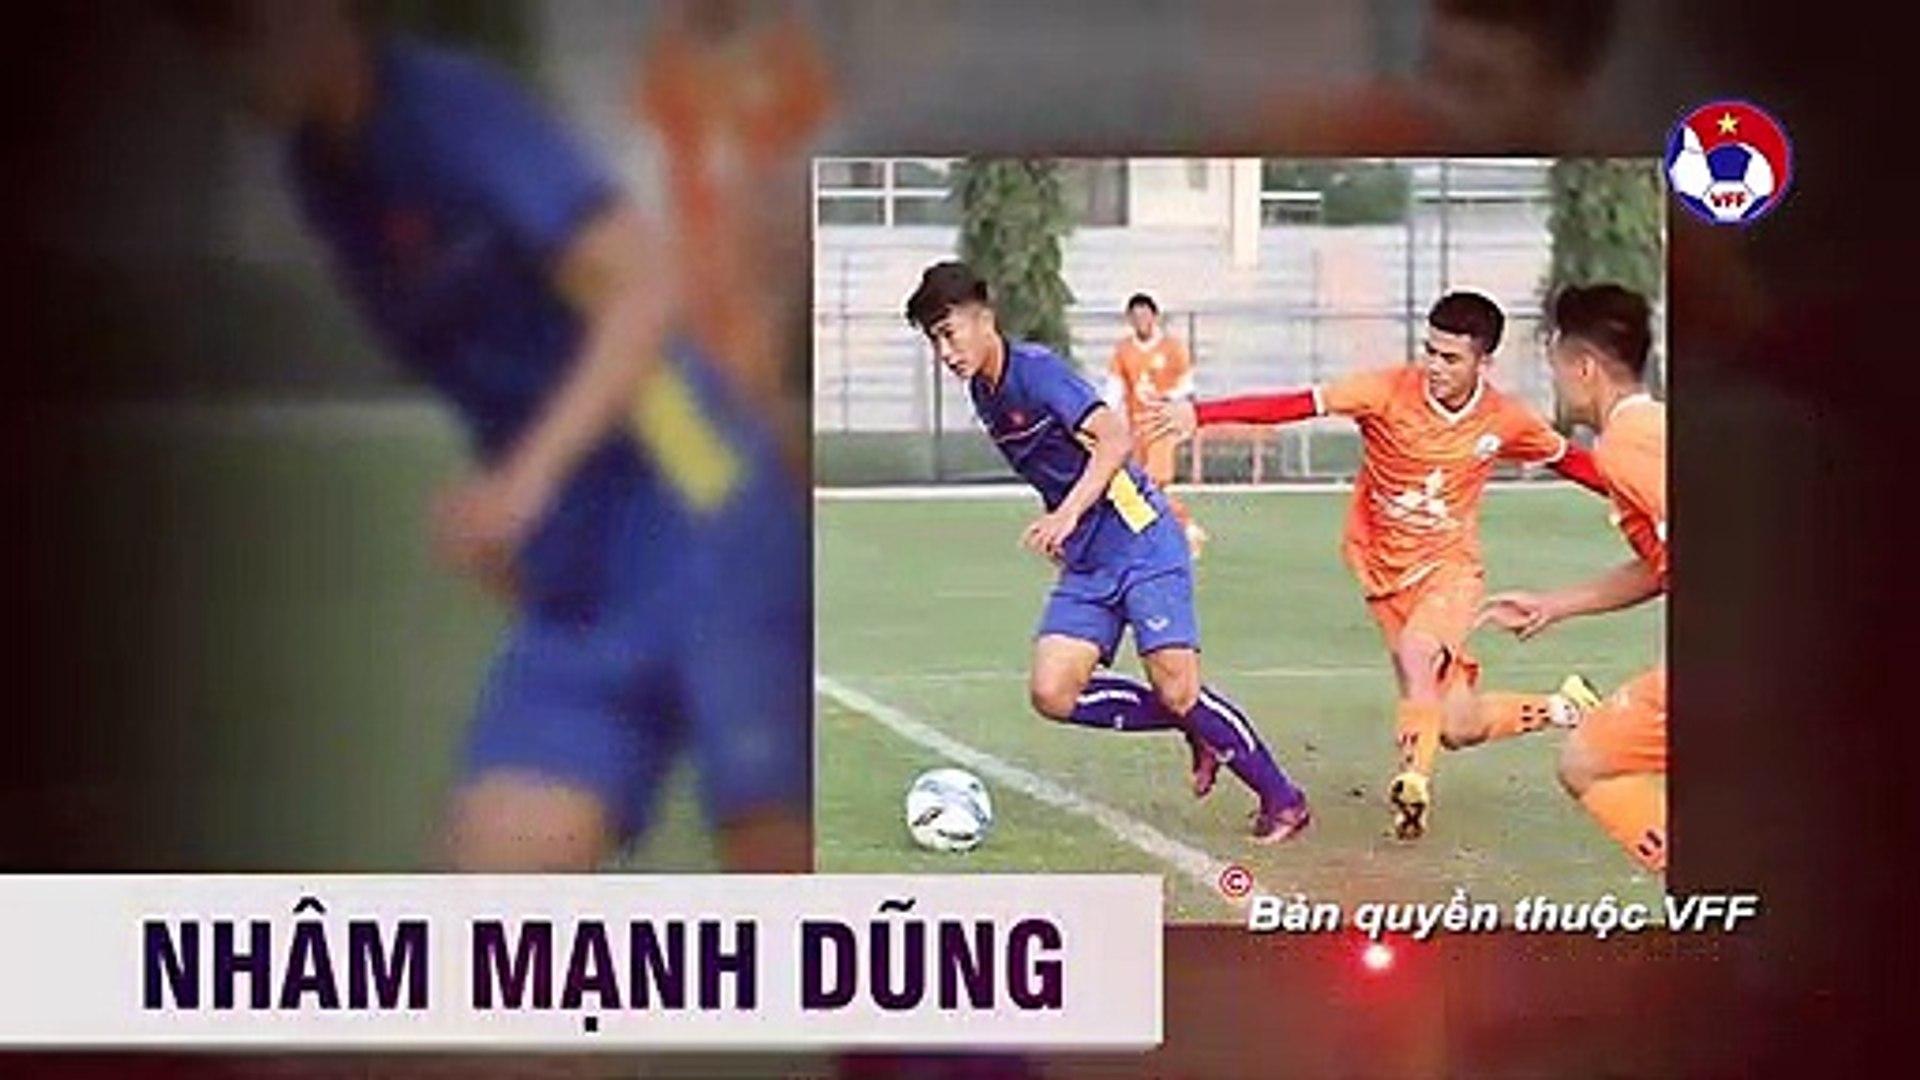 Đội Tuyển U22 Việt Nam hội quân chuẩn bị đá giao hữu với CLB Ulsan Hyundai | VFF Channel